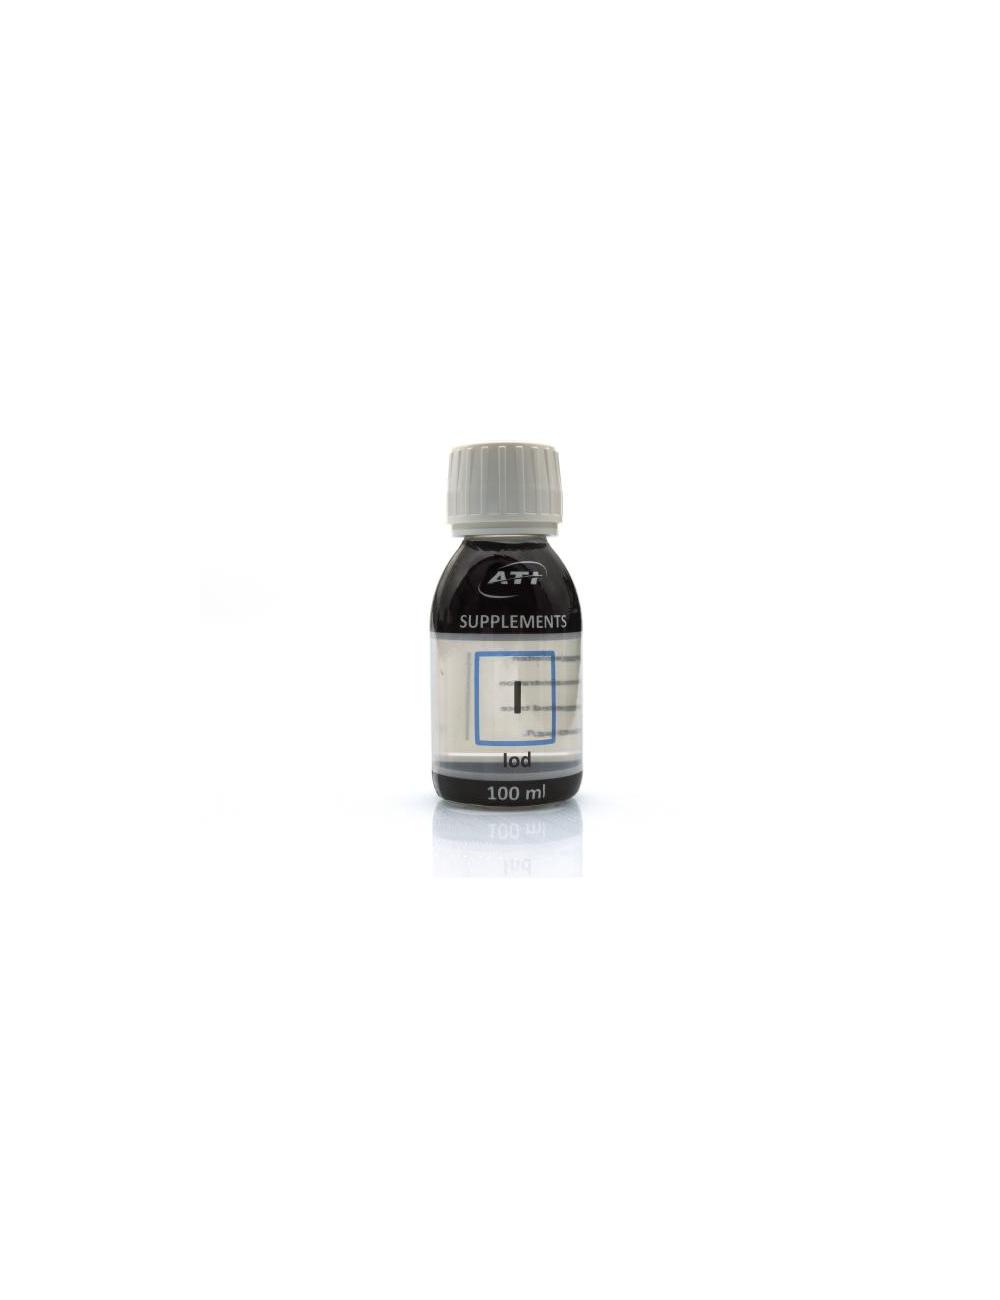 ATI Labs - Jod (iode) - 100 ml